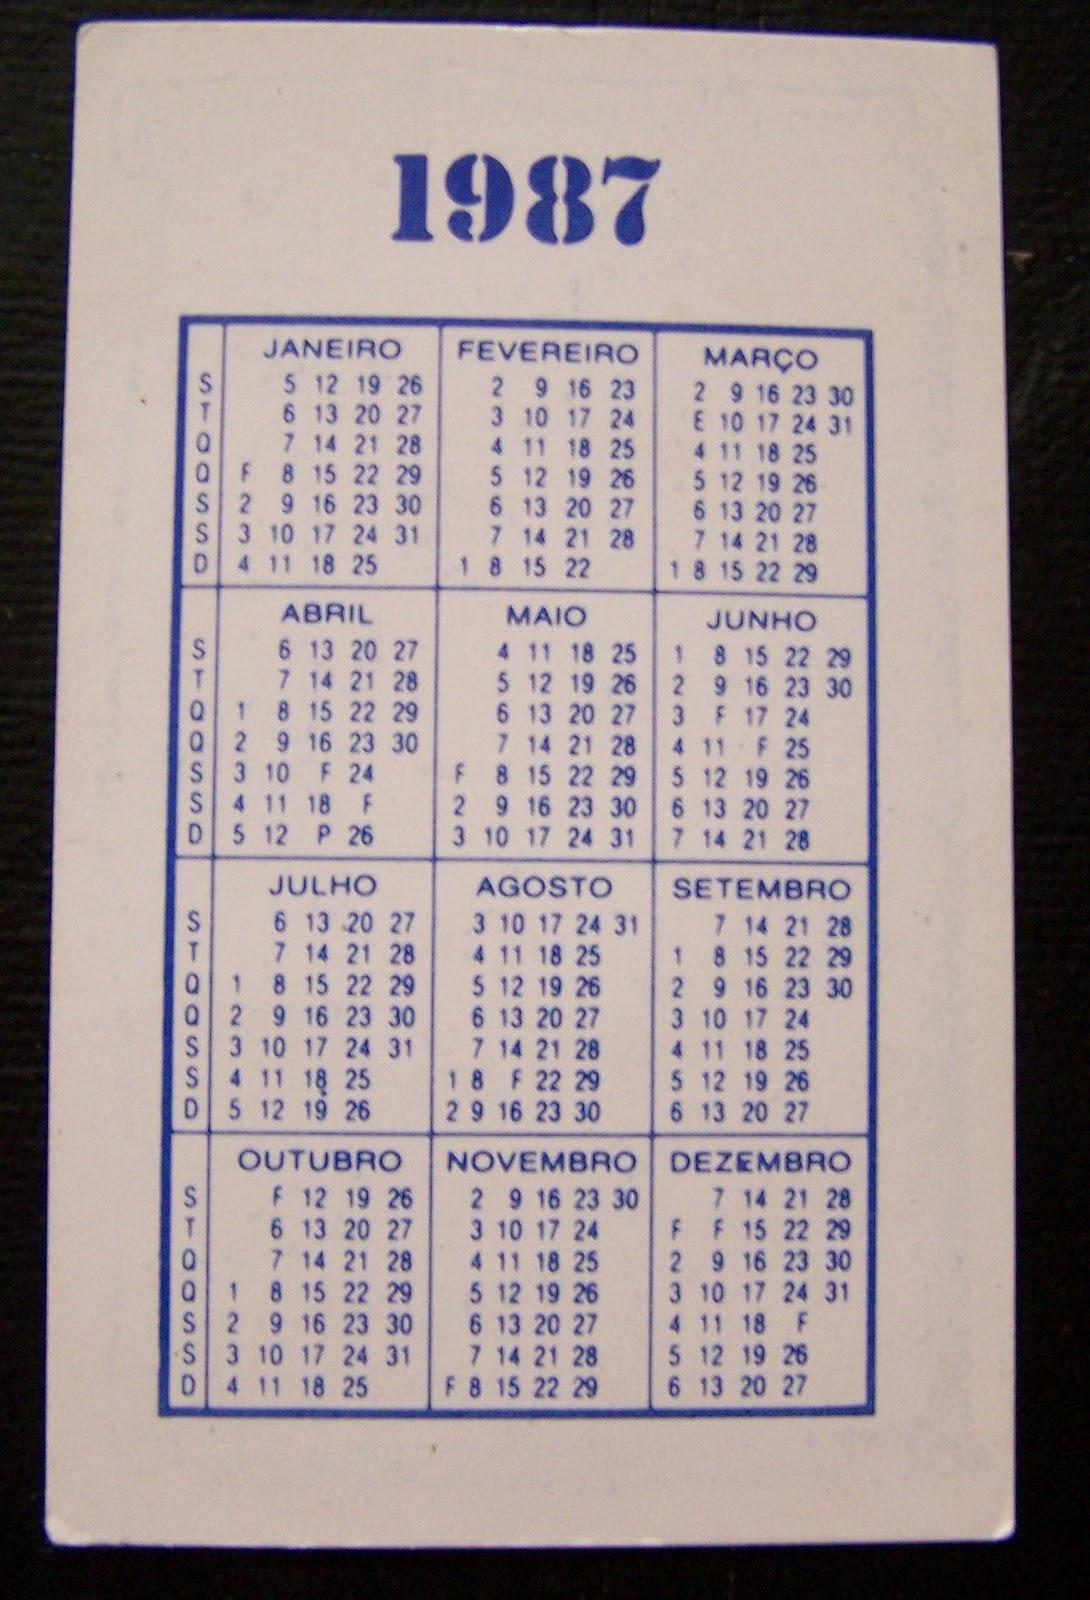 1987 Calendar In Telugu Calendar Template 2016